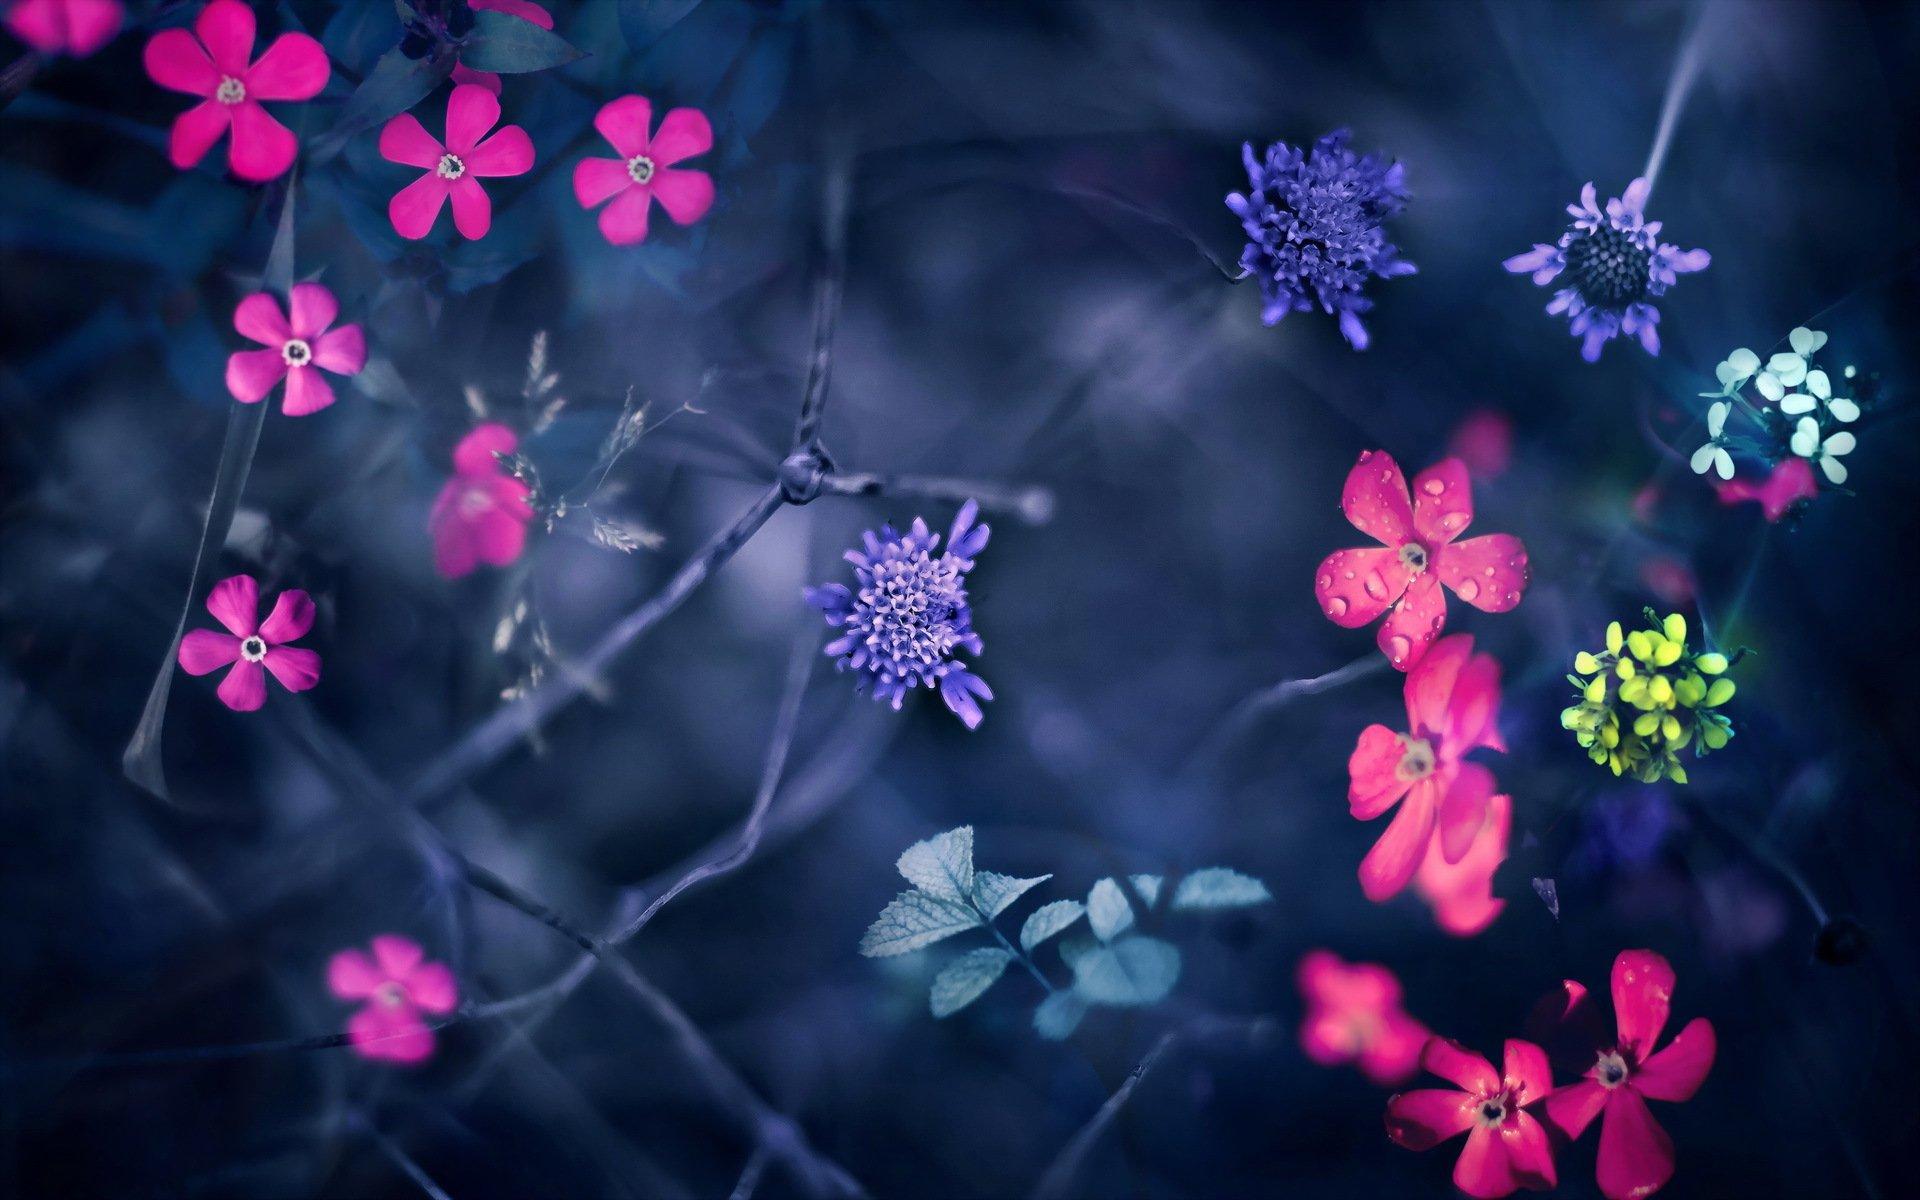 Картинки цветов на телефон андроид